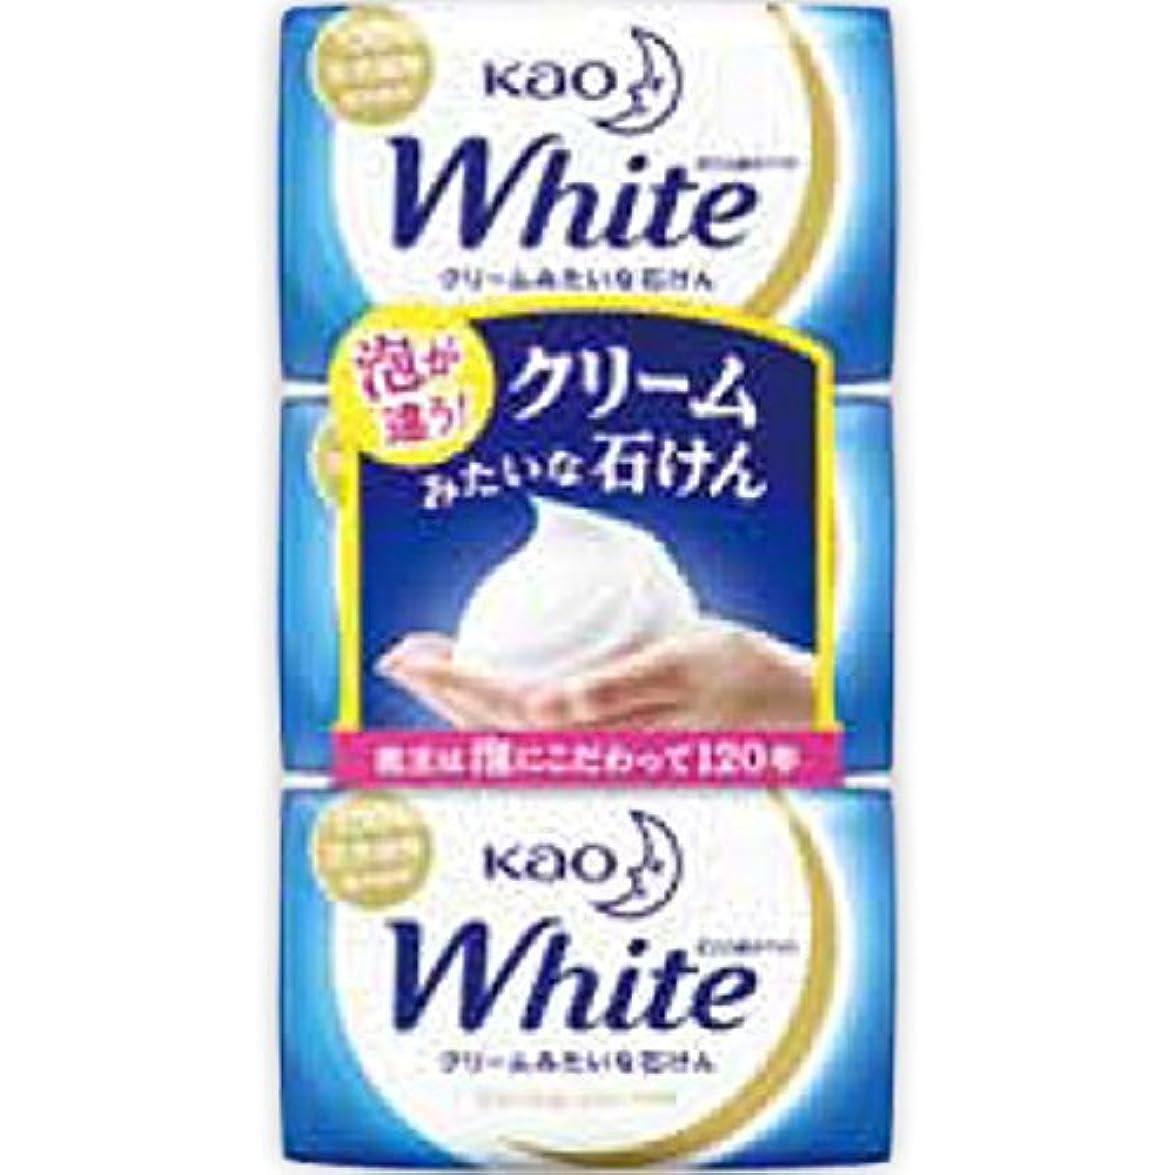 ソーシャル長さ刻む花王ホワイト レギュラーサイズ 85g*3個入